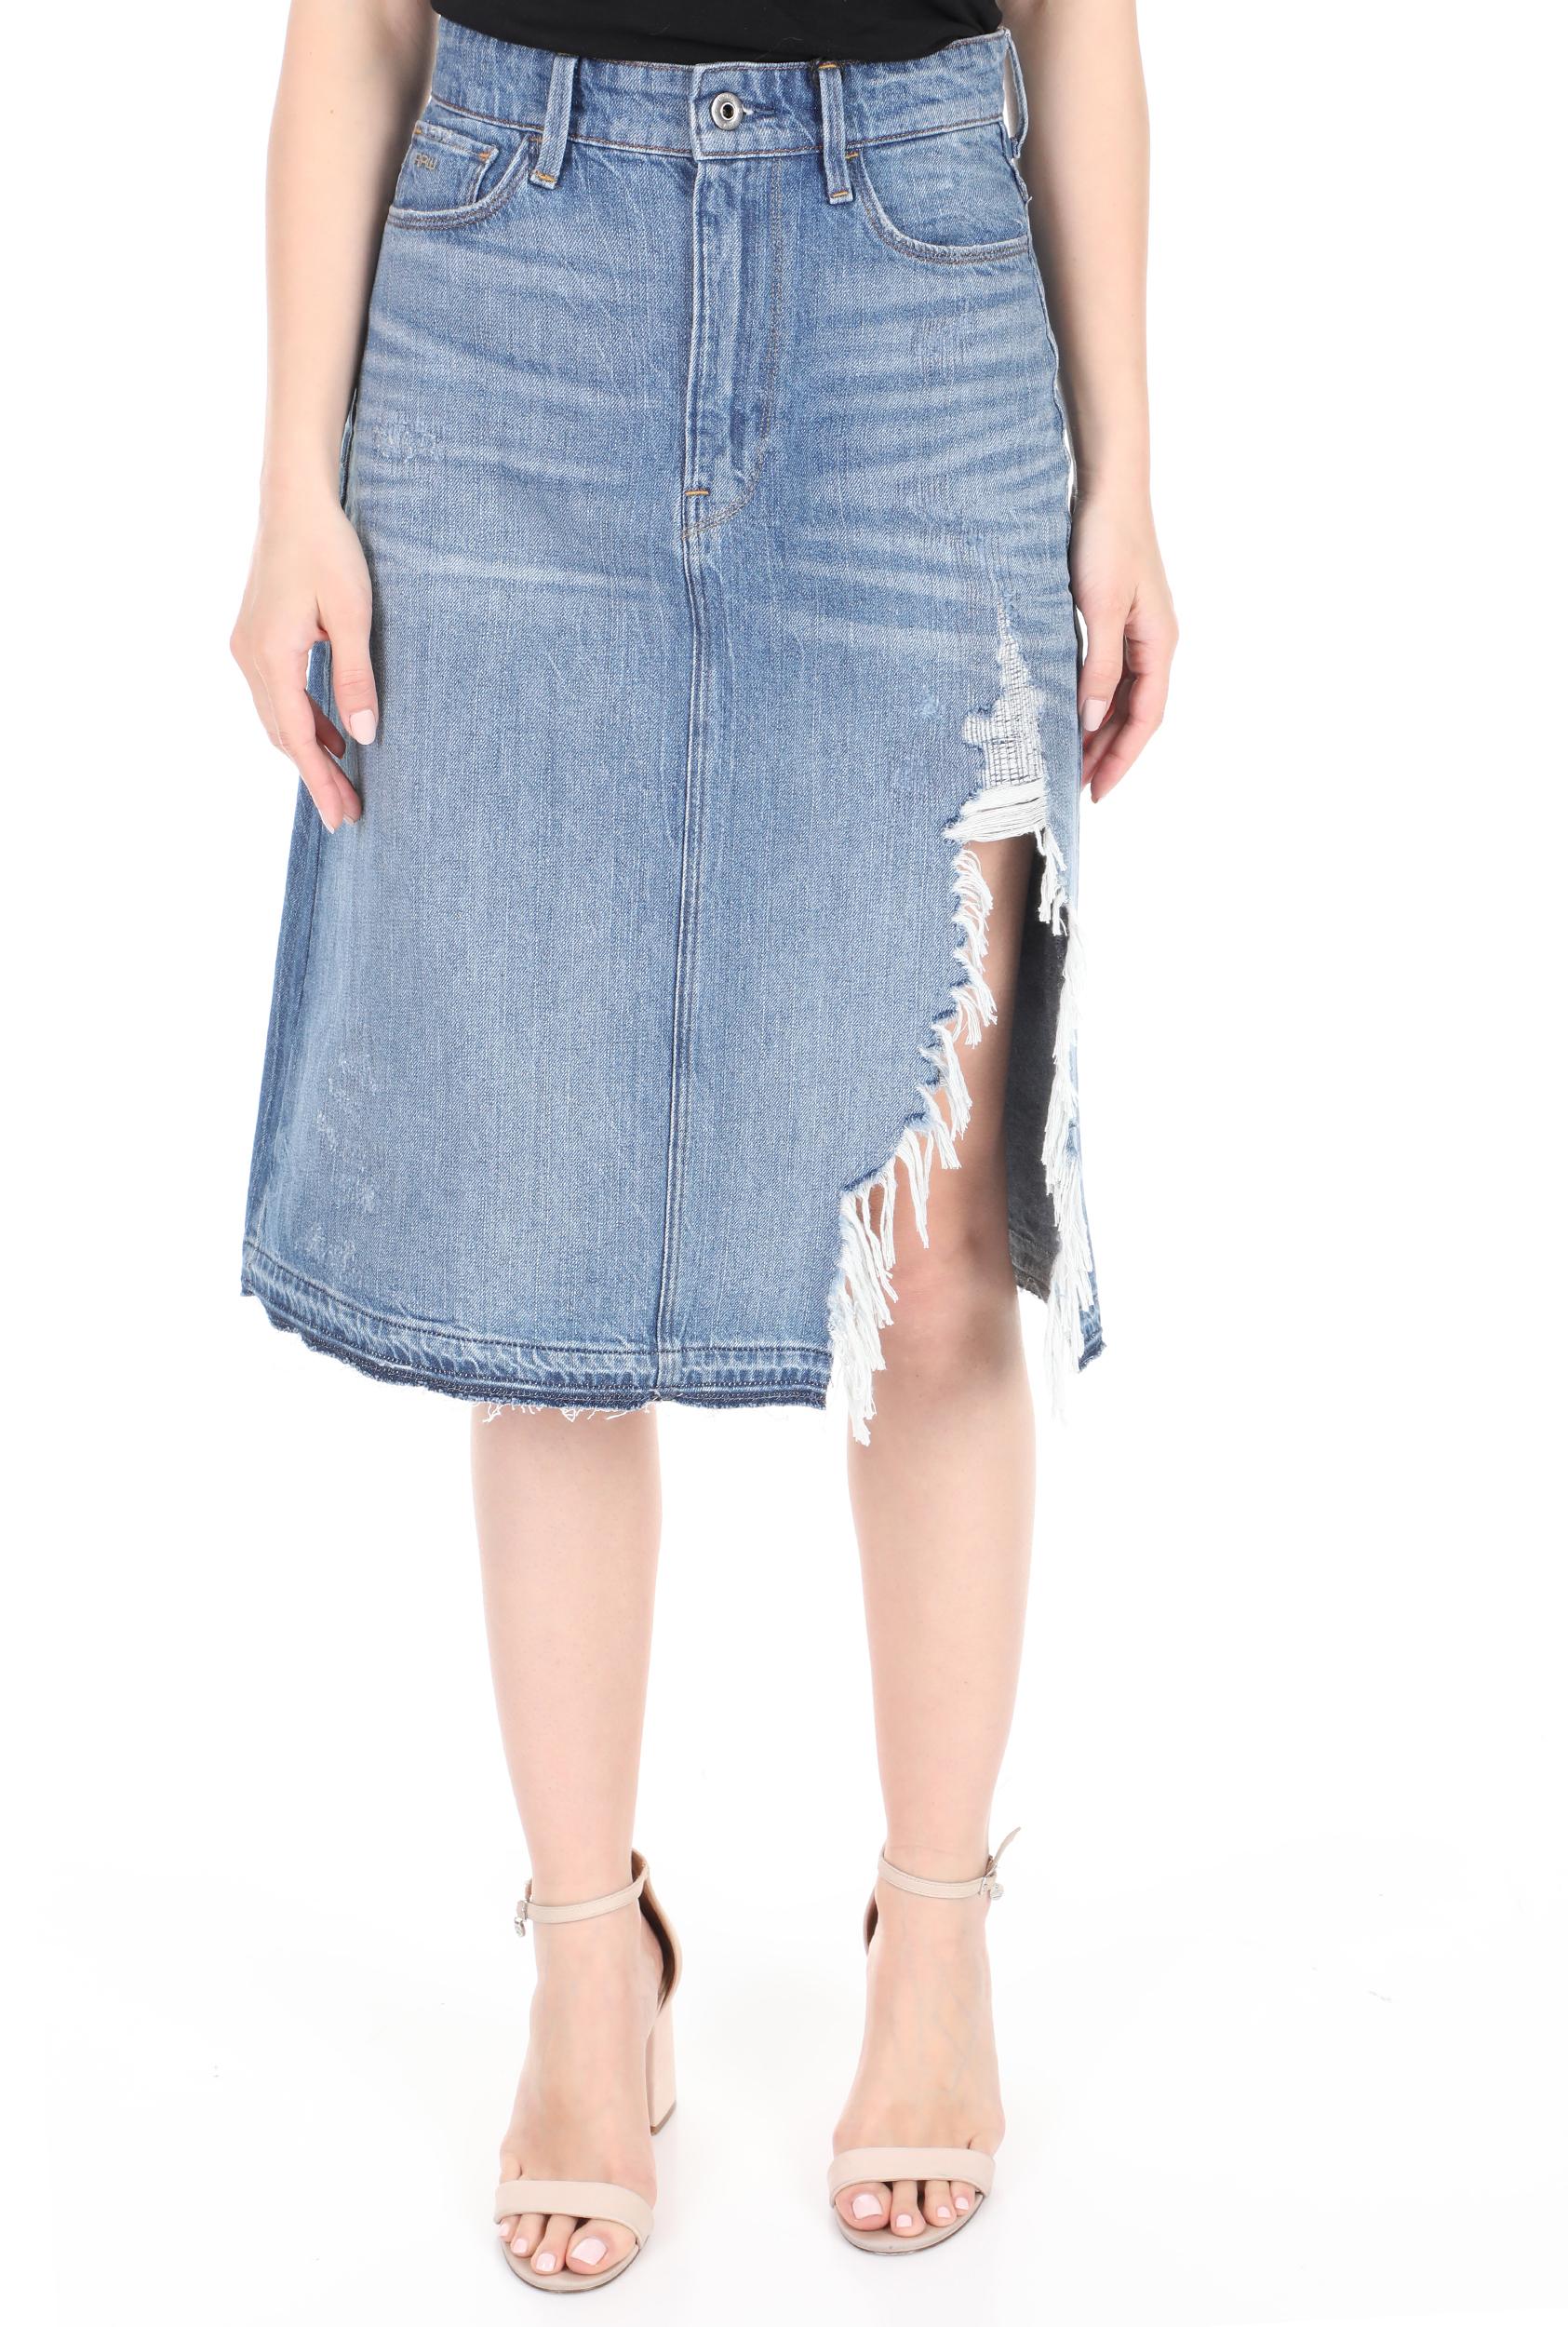 G-STAR RAW - Γυναικεία jean midi φούστα G-STAR RAW μπλε